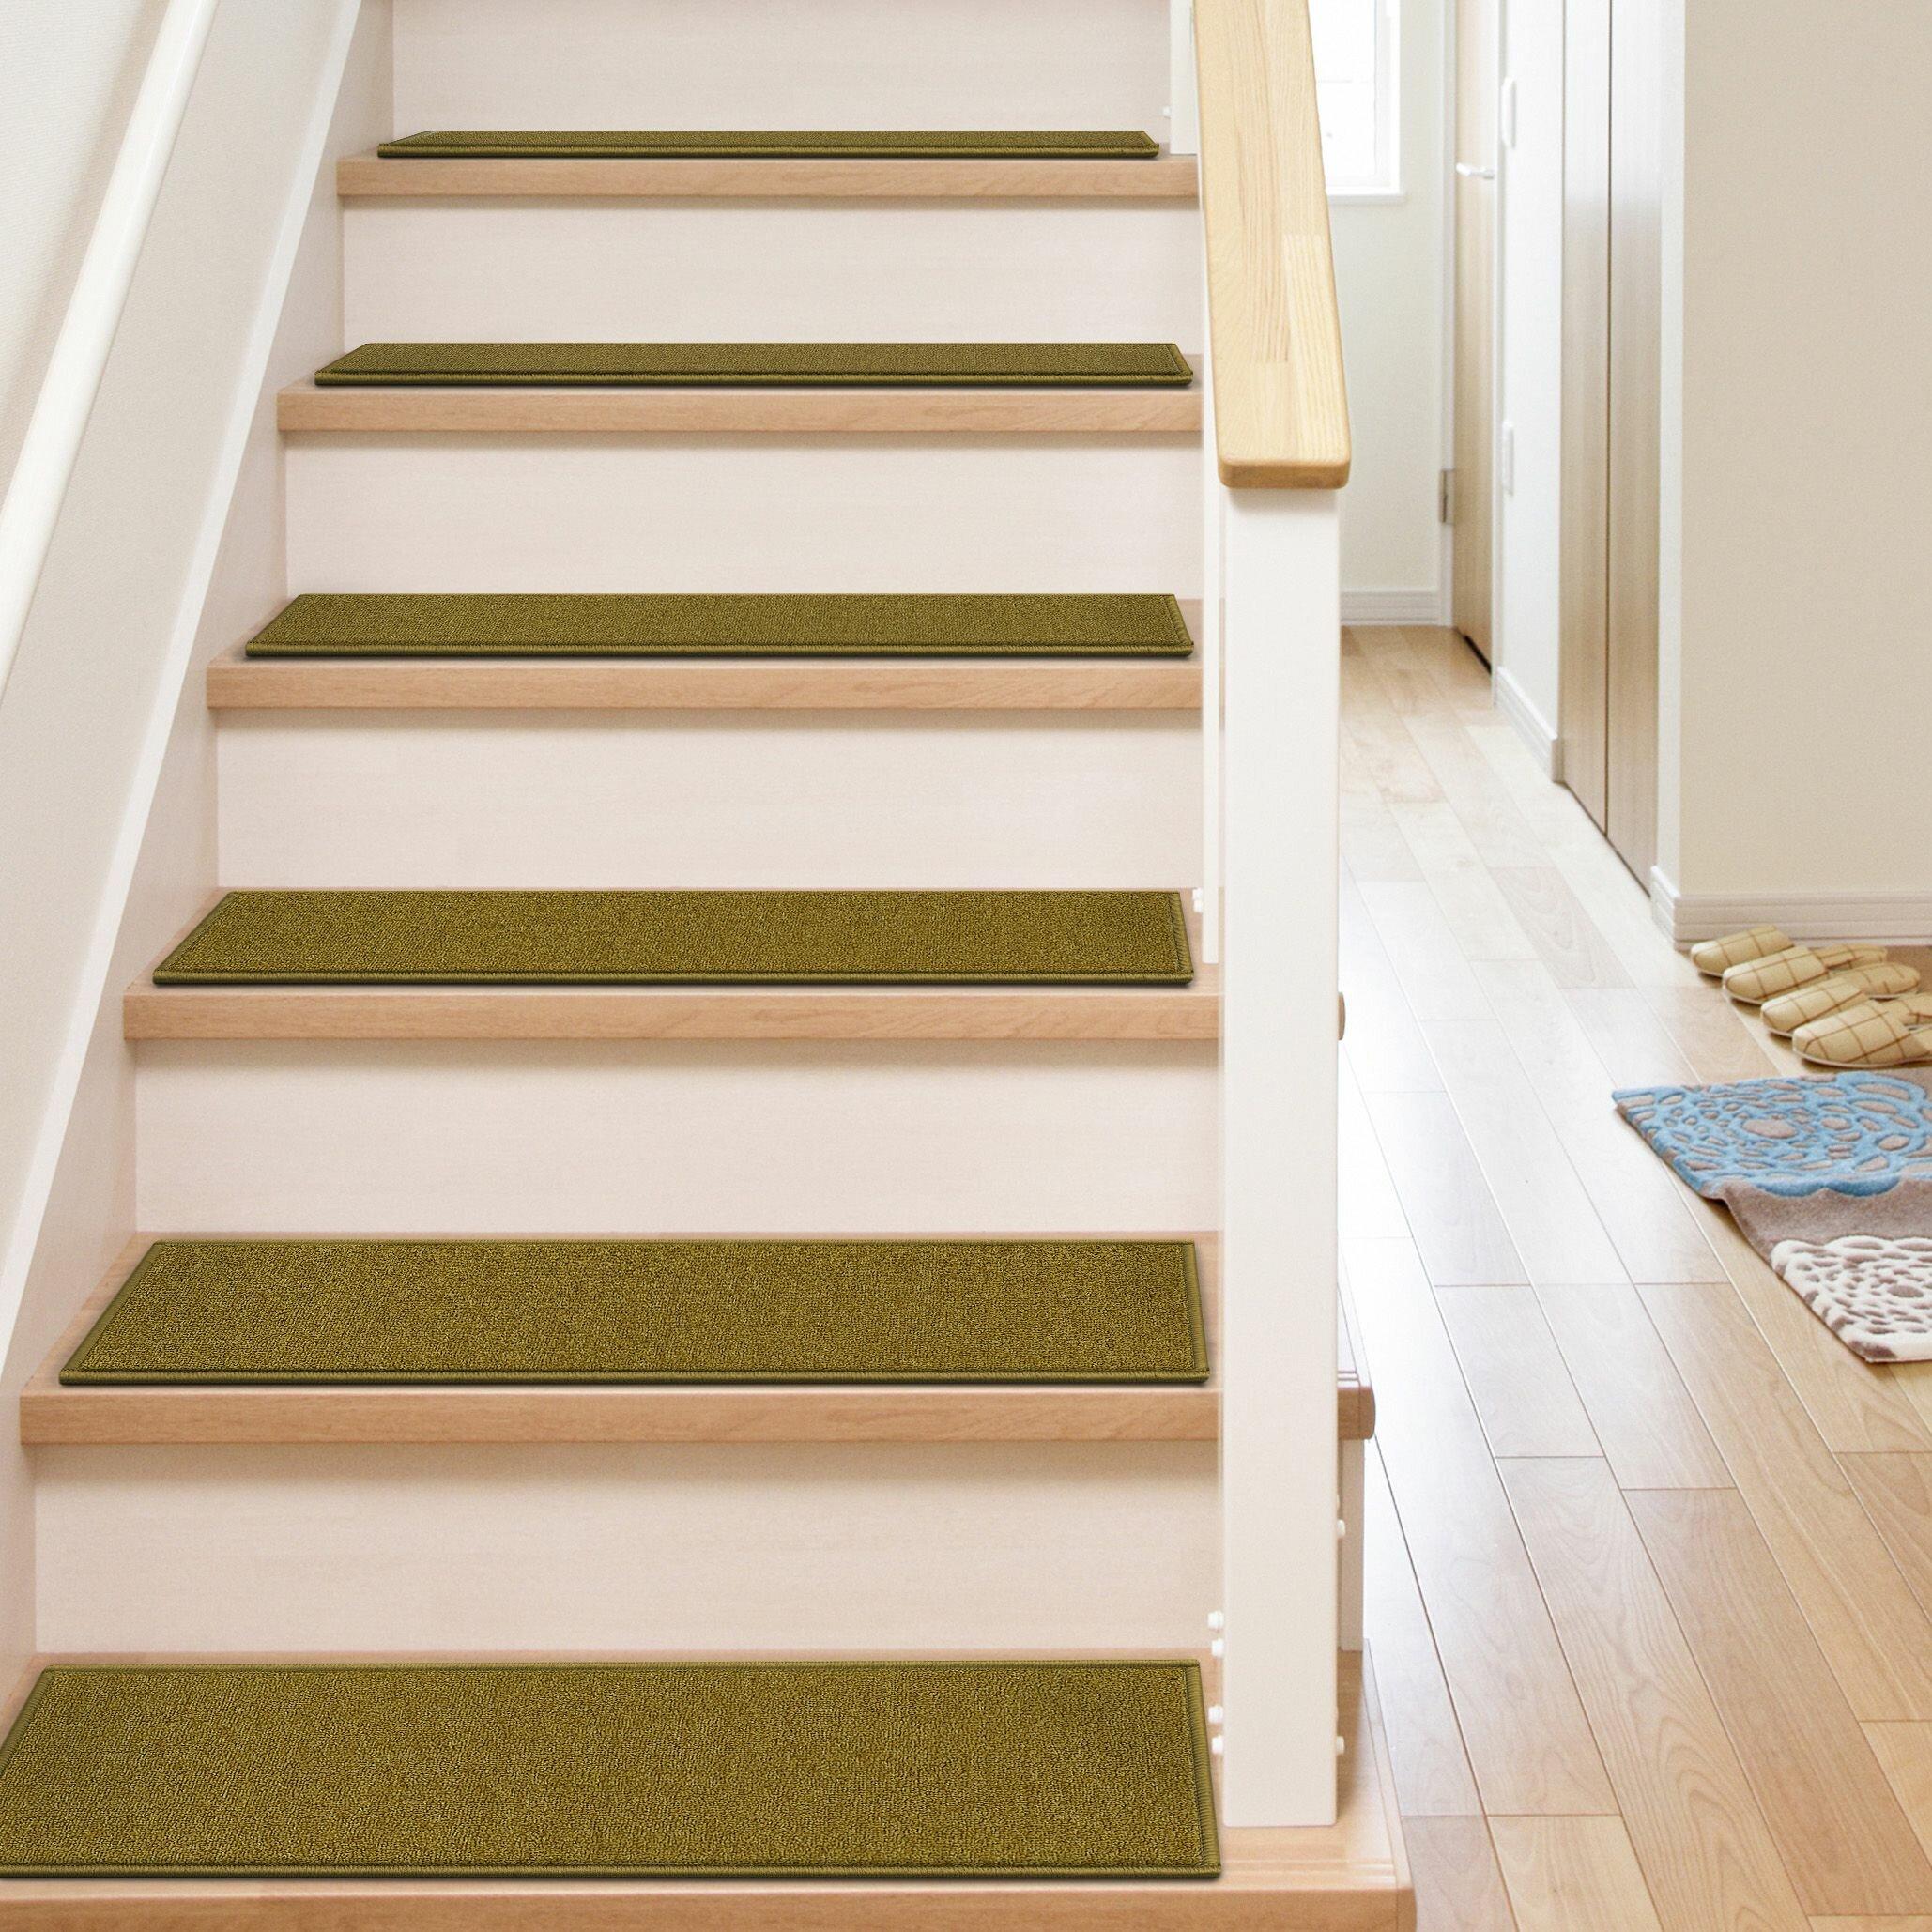 Antidérapant Pour Escalier En Bois tapis d'escalier antidérapant uni kings court warby